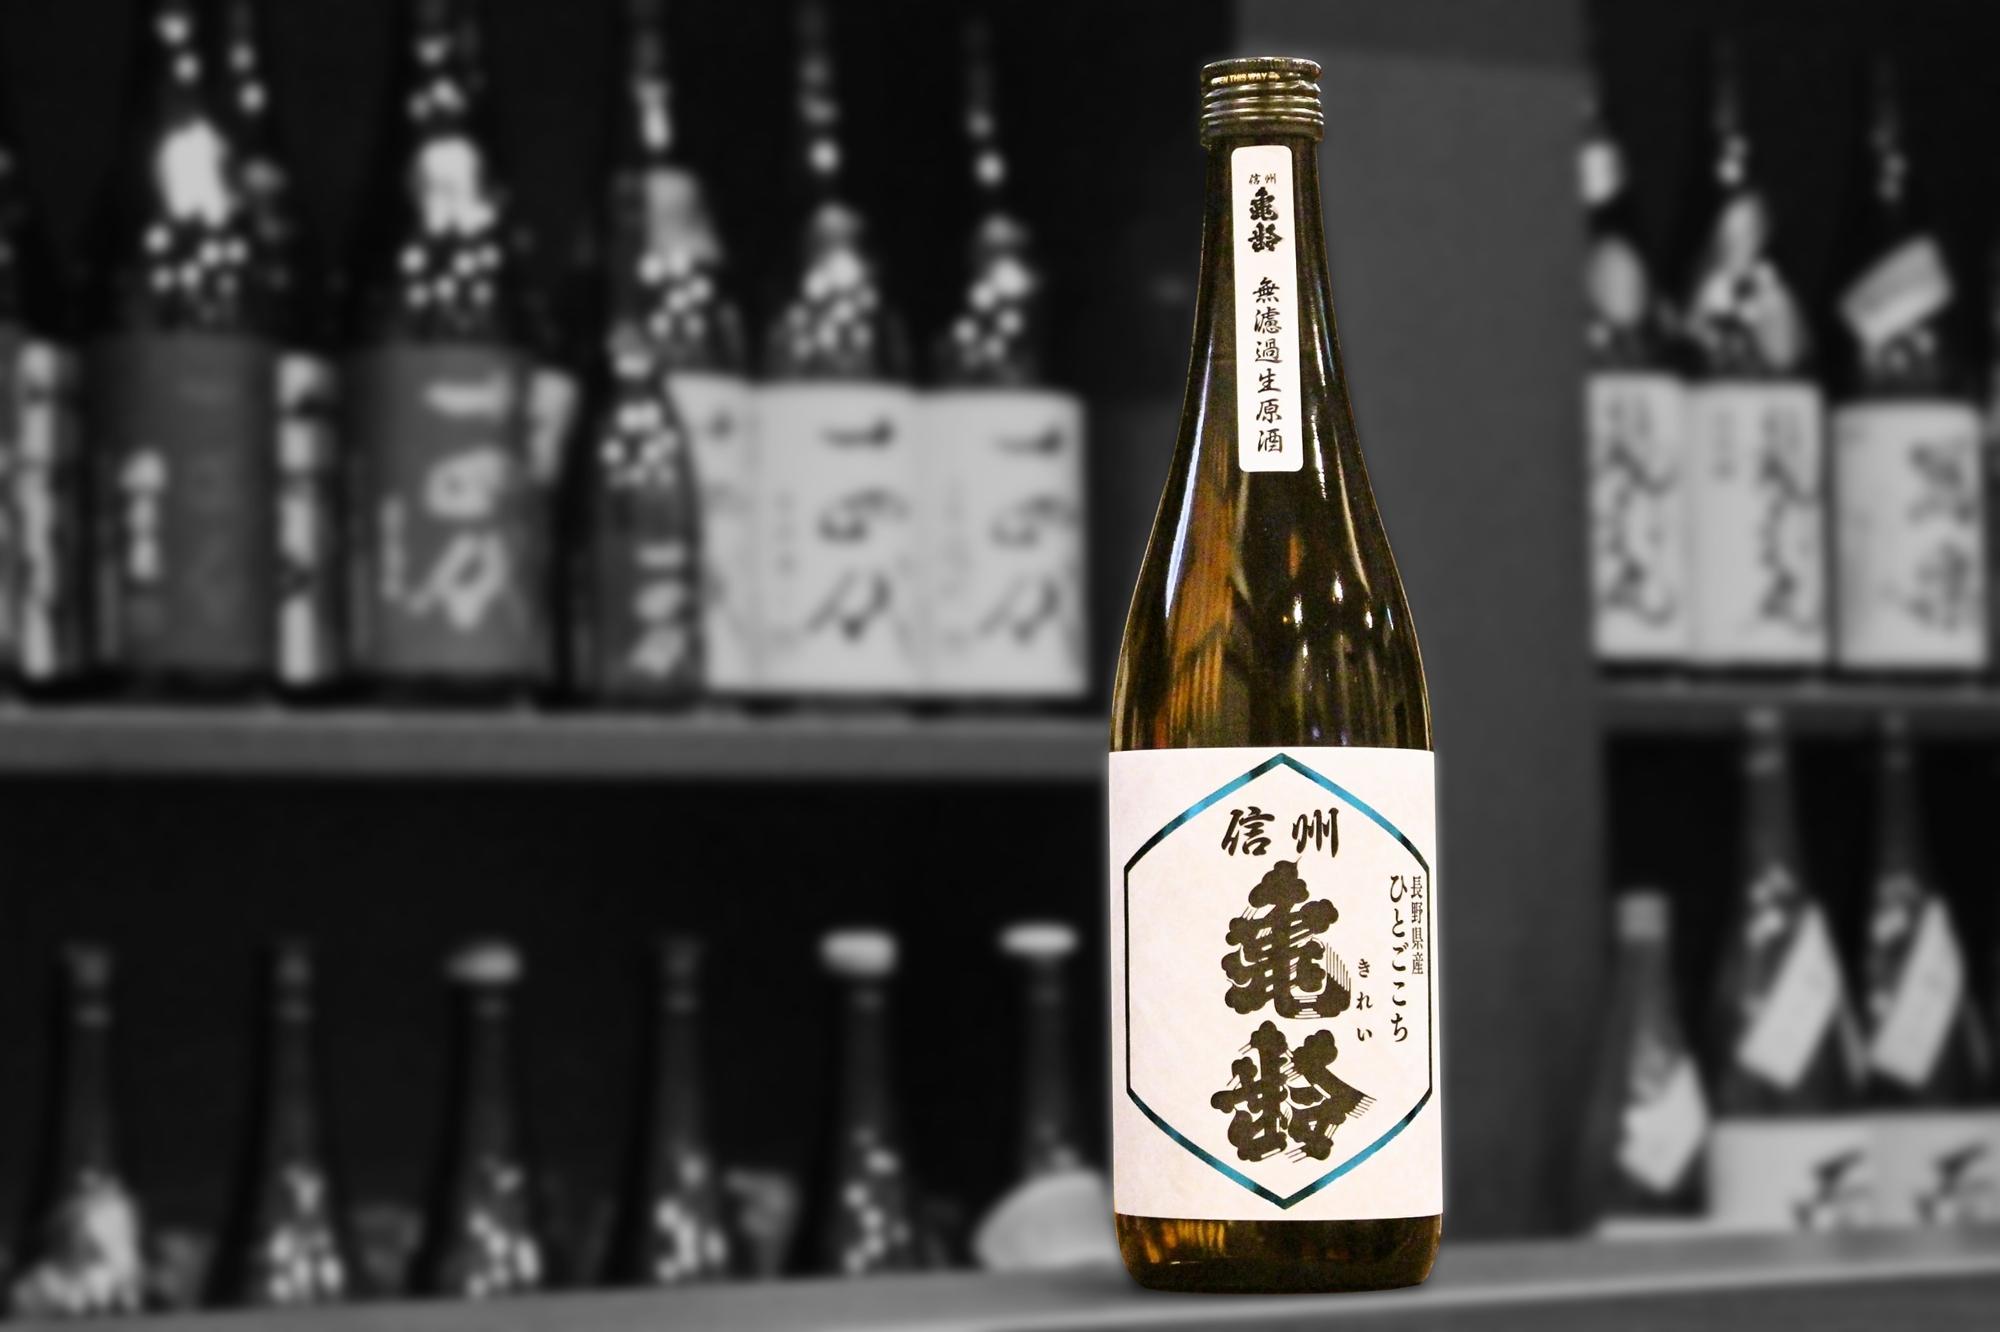 信州亀齢純米吟醸無濾過生原酒202101-001